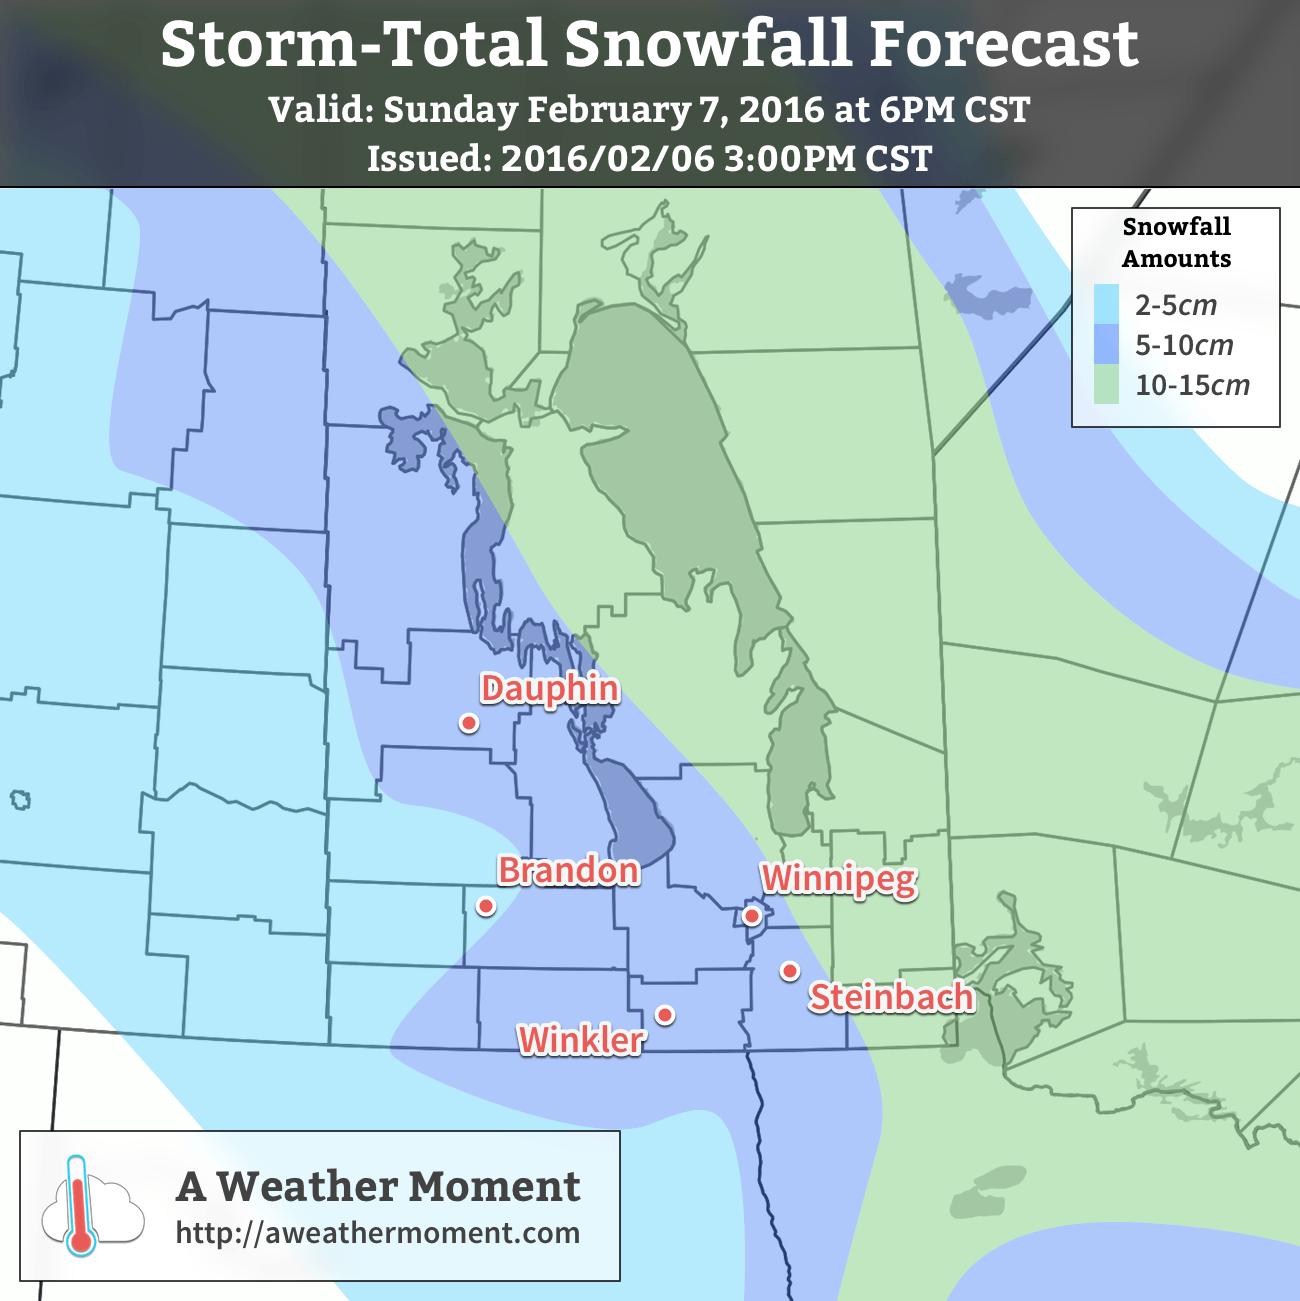 AWM Snowfall Forecast for February 6/7, 2016